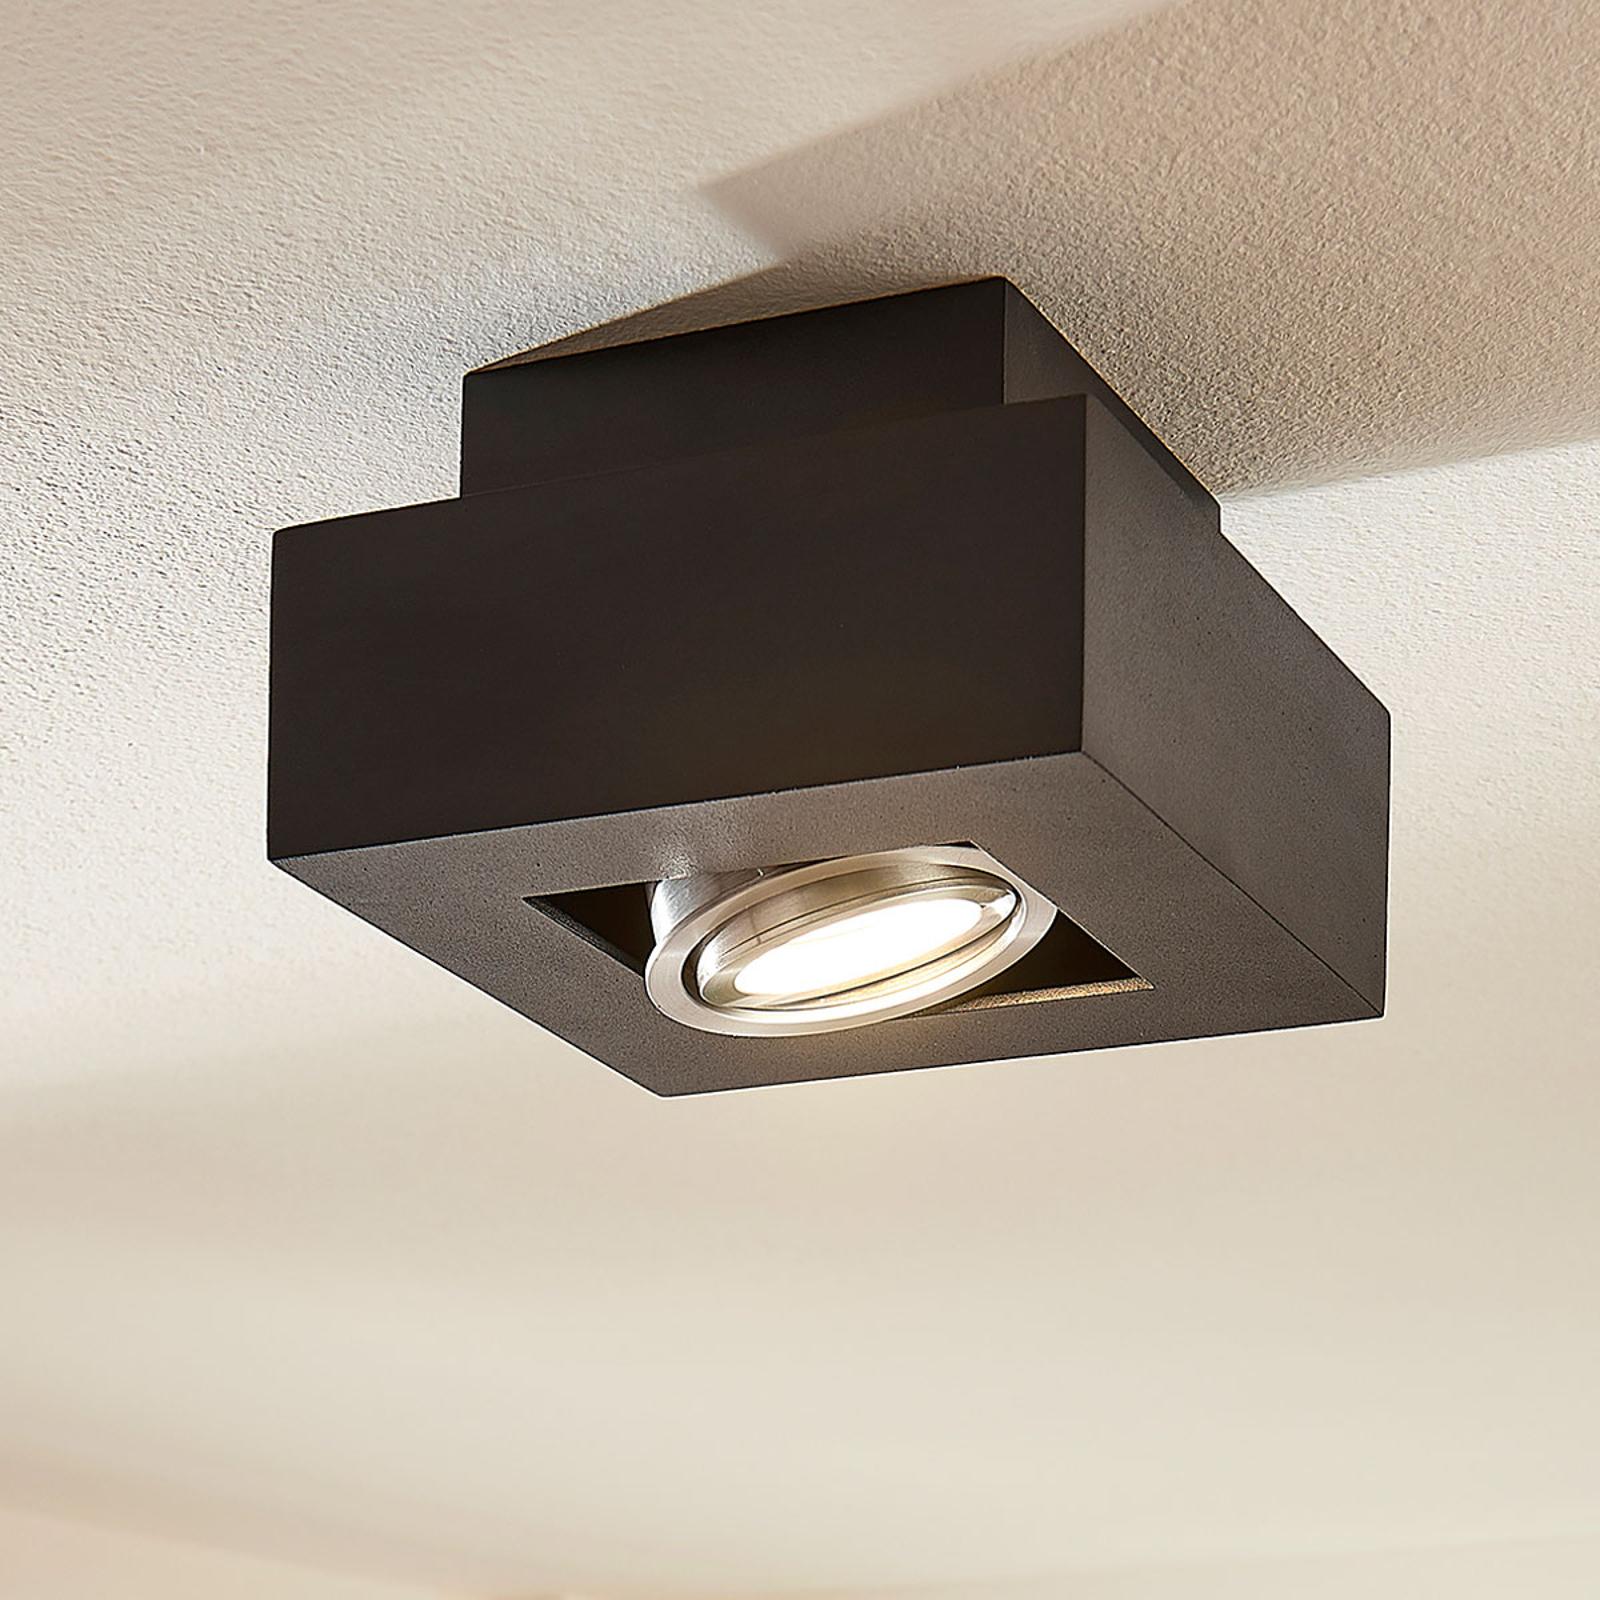 LED-Deckenleuchte Vince, 14x14cm in Schwarz